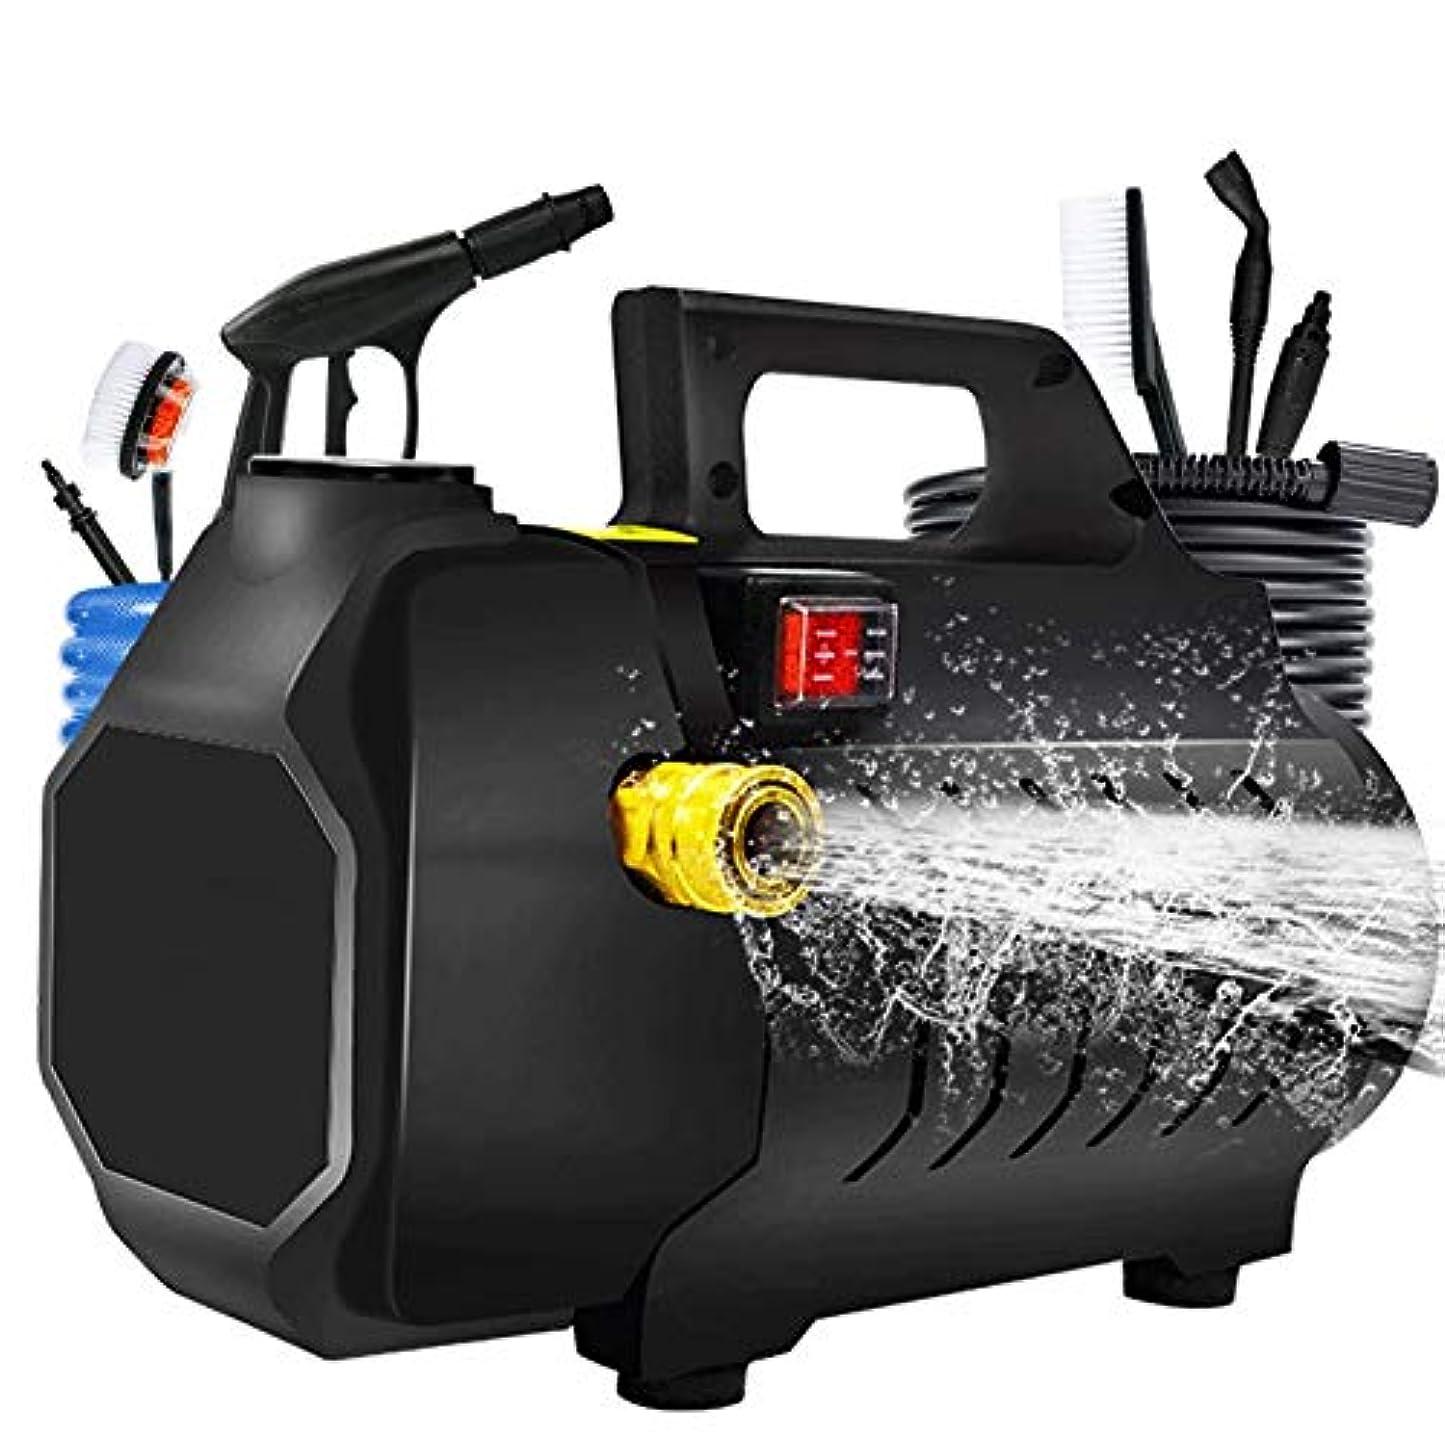 アクセスできない野心ラジカルKk 2800PSI電気圧力洗濯機2.0GPMパワー洗濯機の高圧力洗濯機クリーナー機械、電気ハイなパワー圧力洗濯機、パワー洗濯機